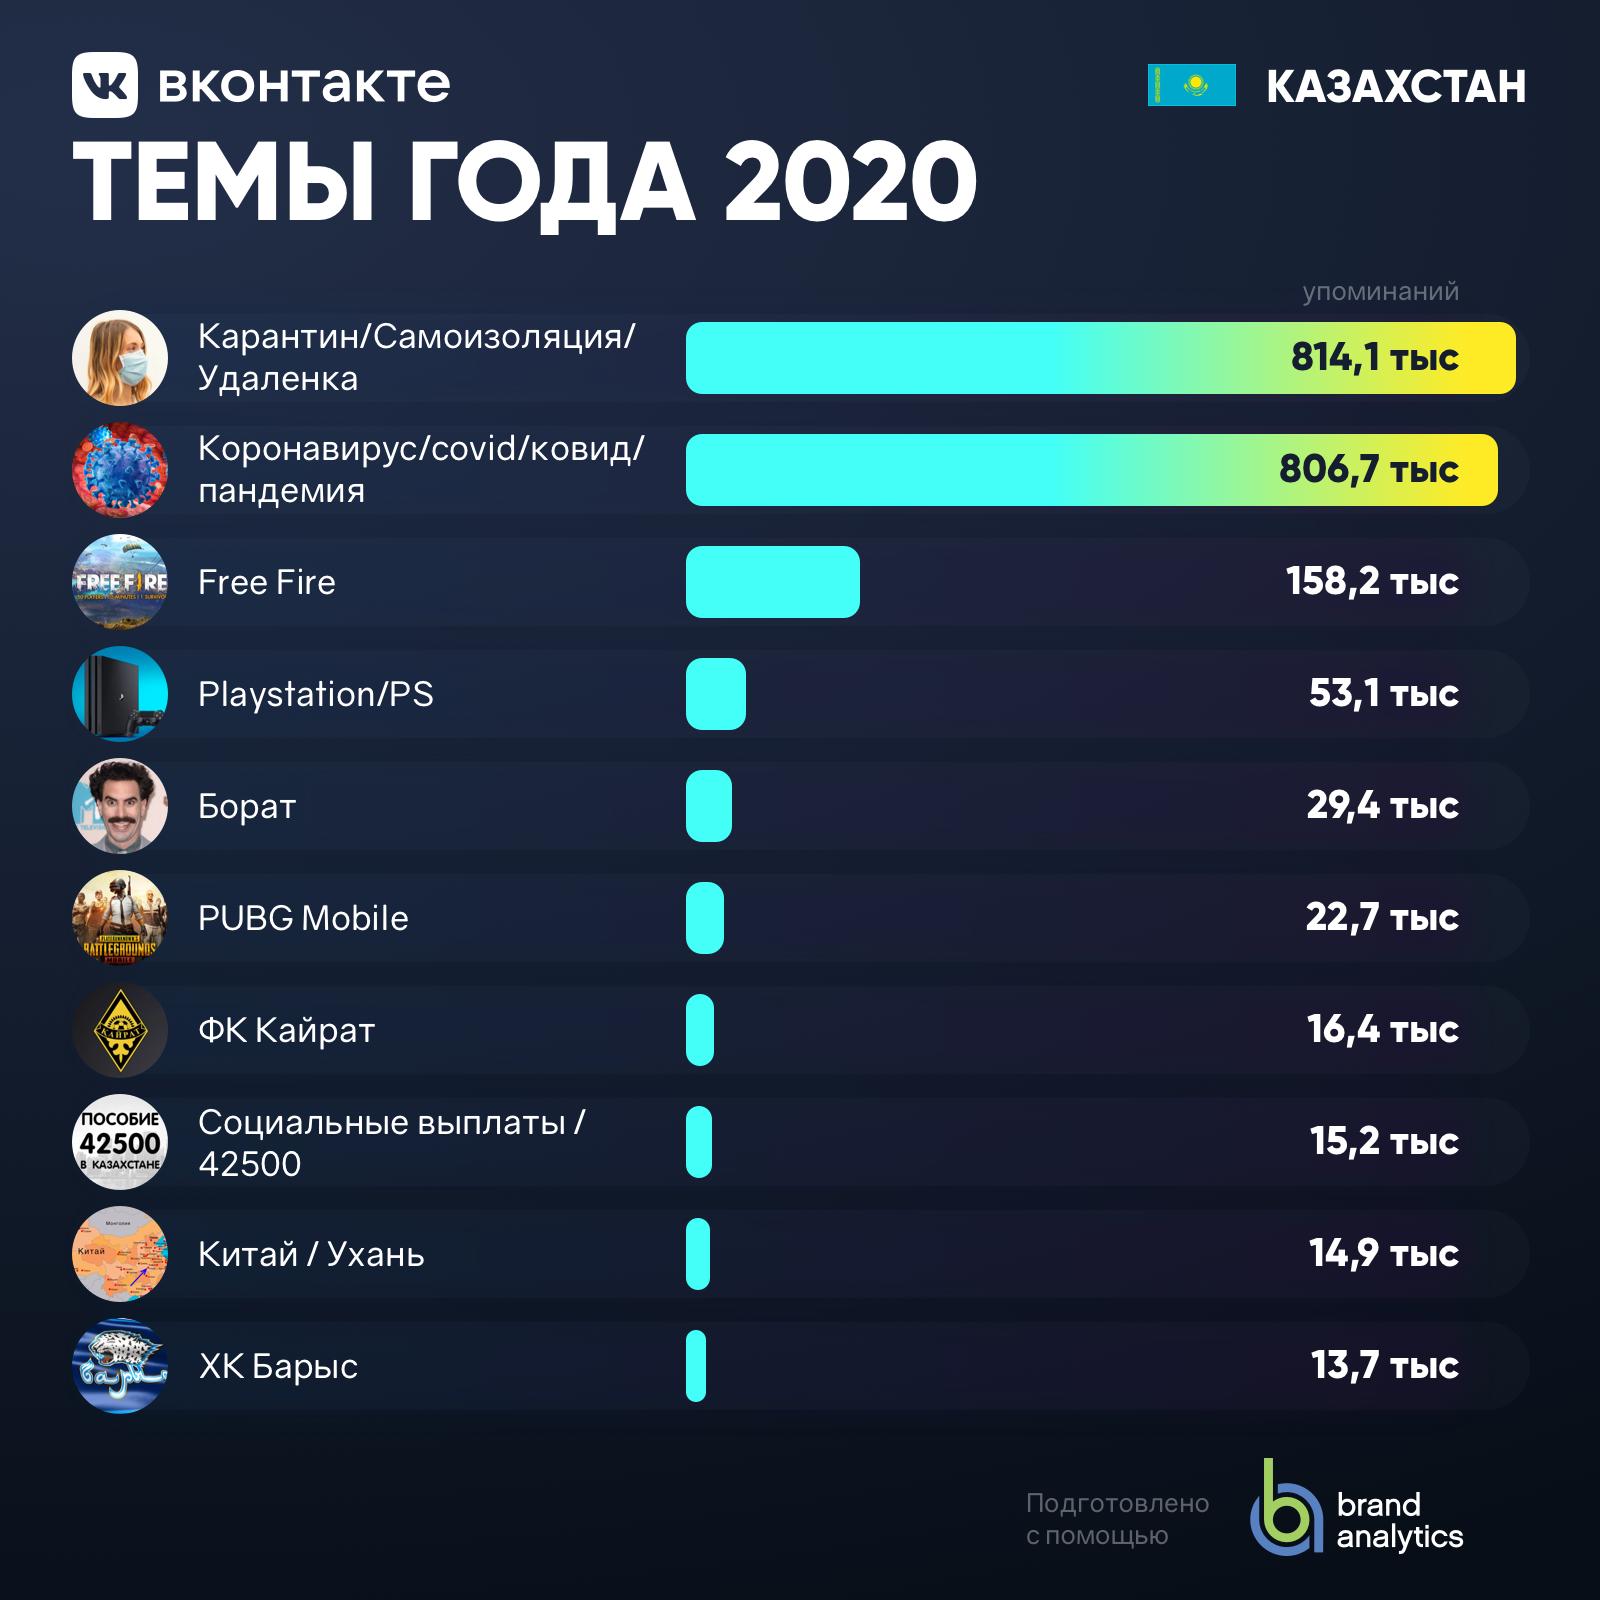 Темы года Казахстан 2020